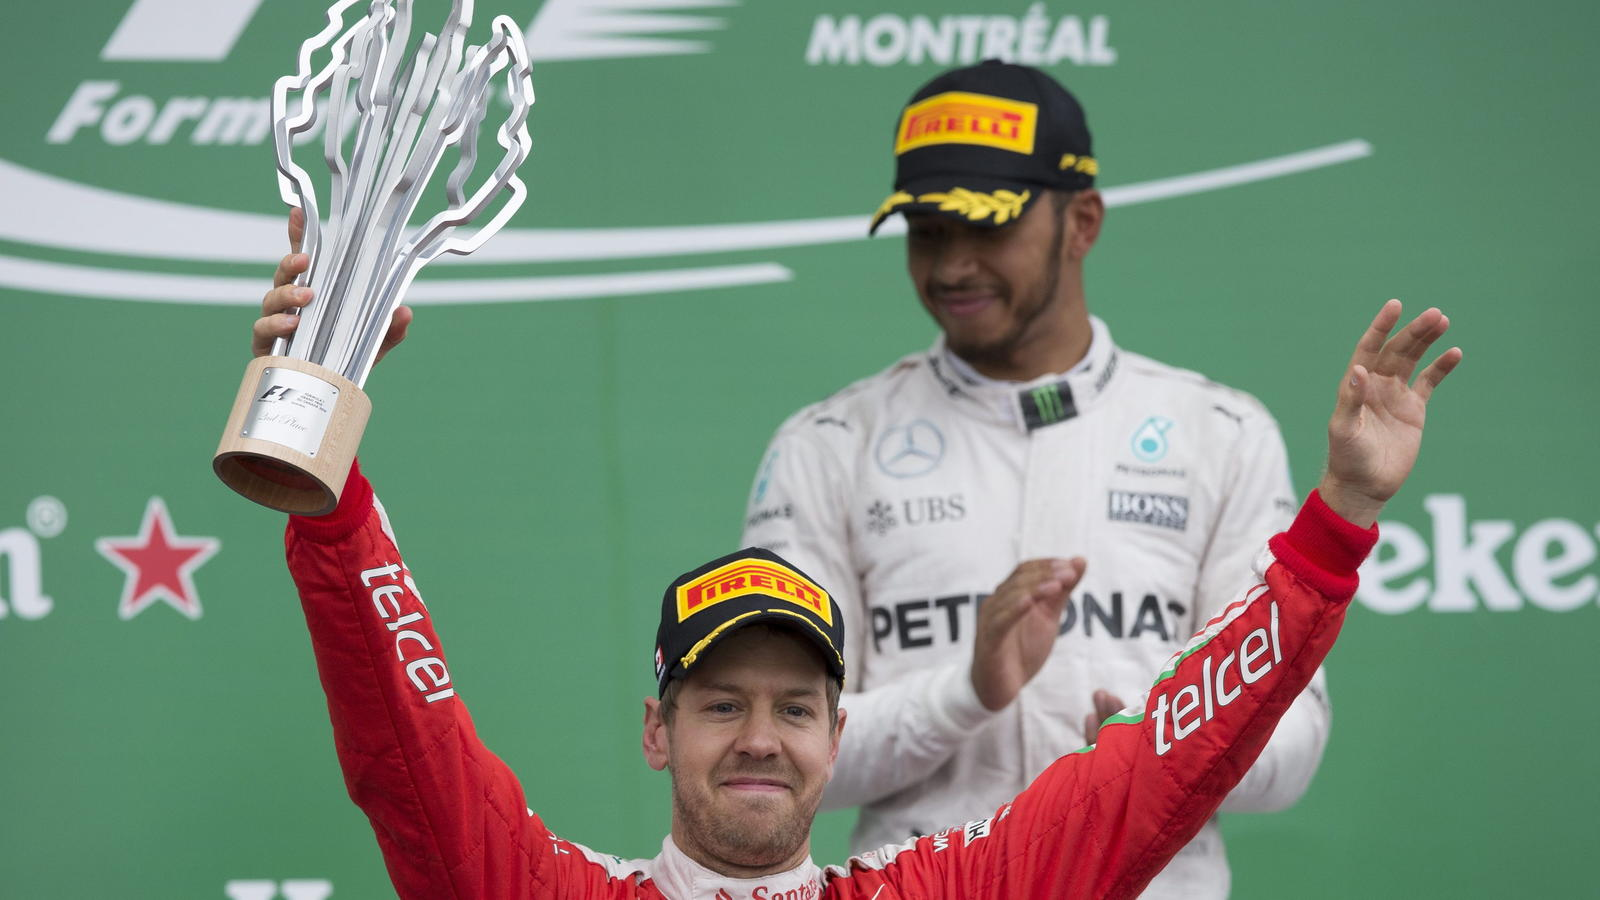 Die Herausforderungen beim Formel-1-GP in Montréal